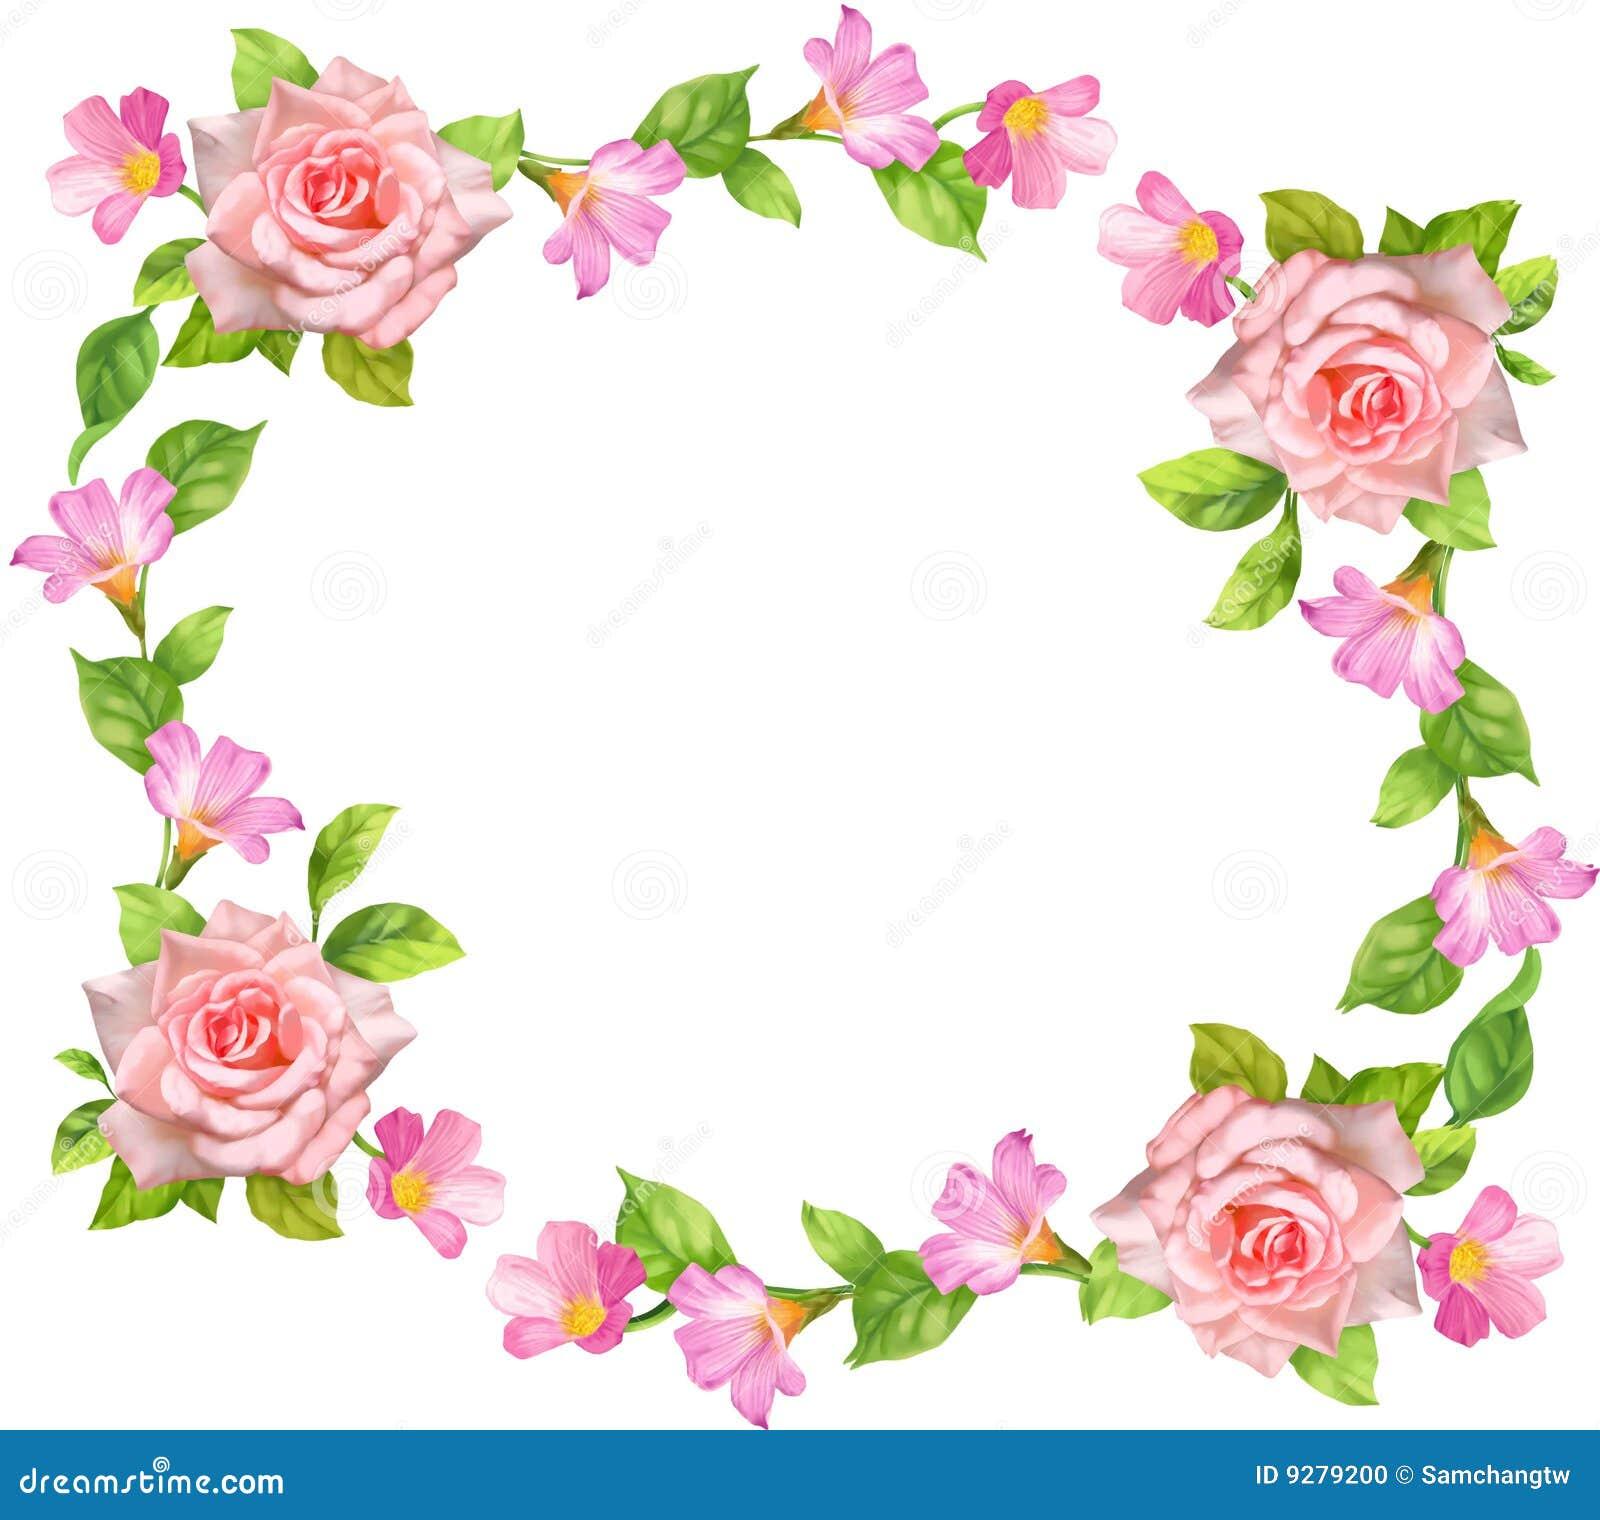 Rose frame stock illustration. Illustration of pink, plant - 9279200